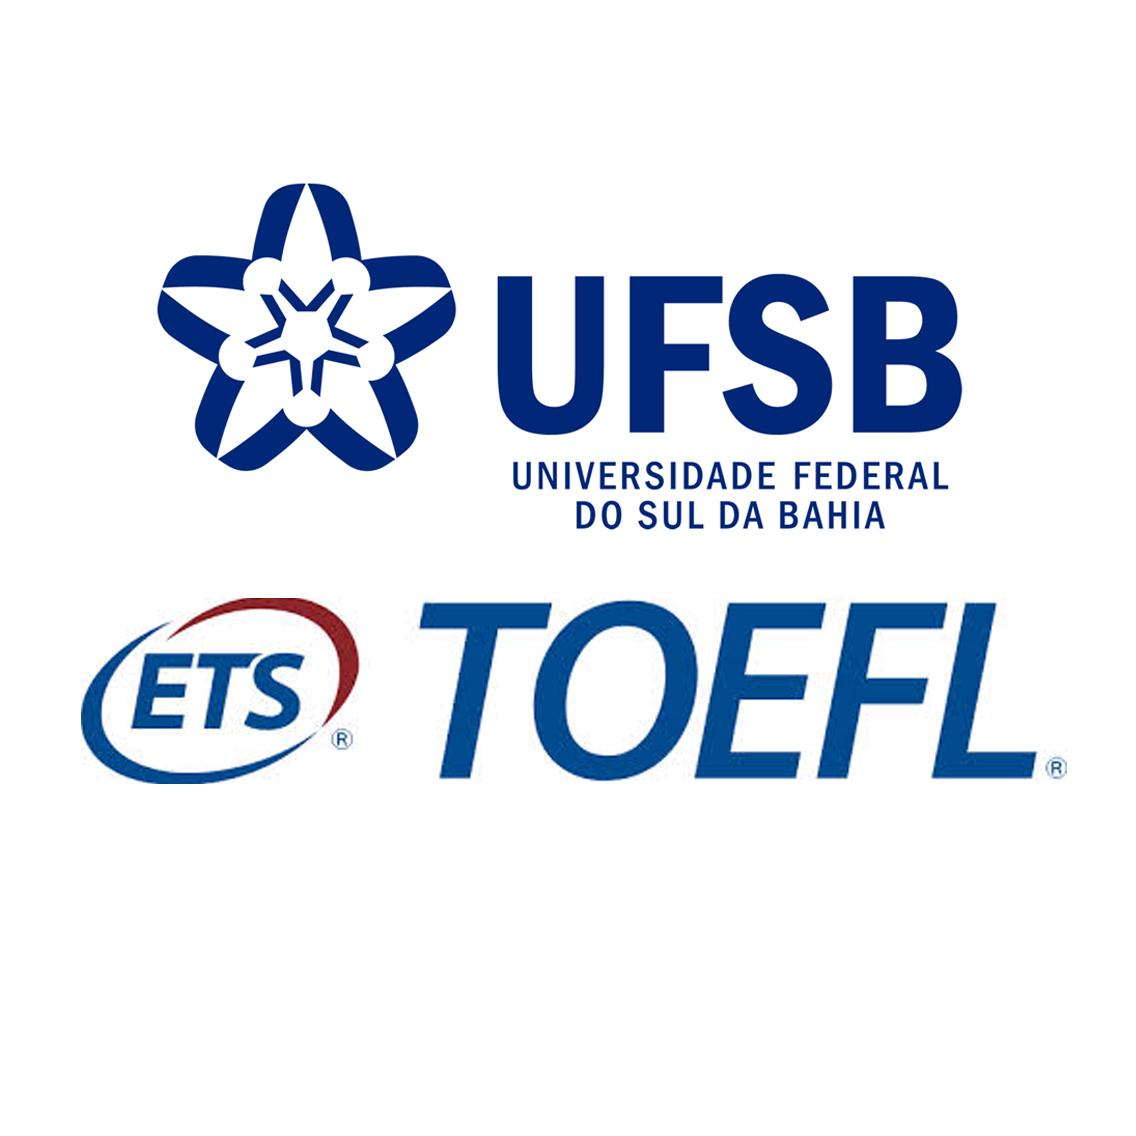 TOEFL UFSB 2